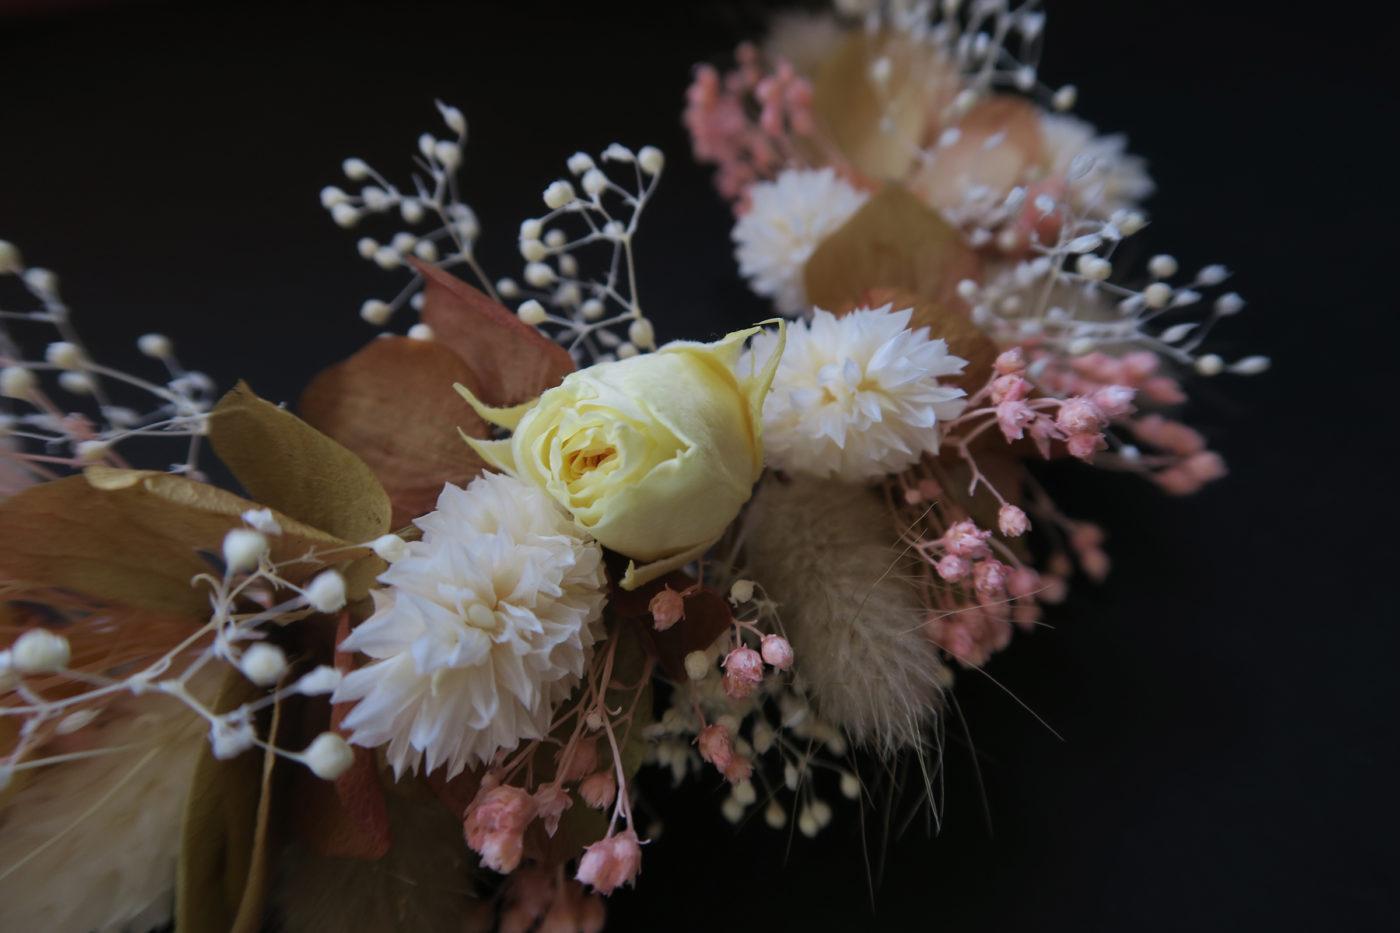 détail rose jaune peigne mariée